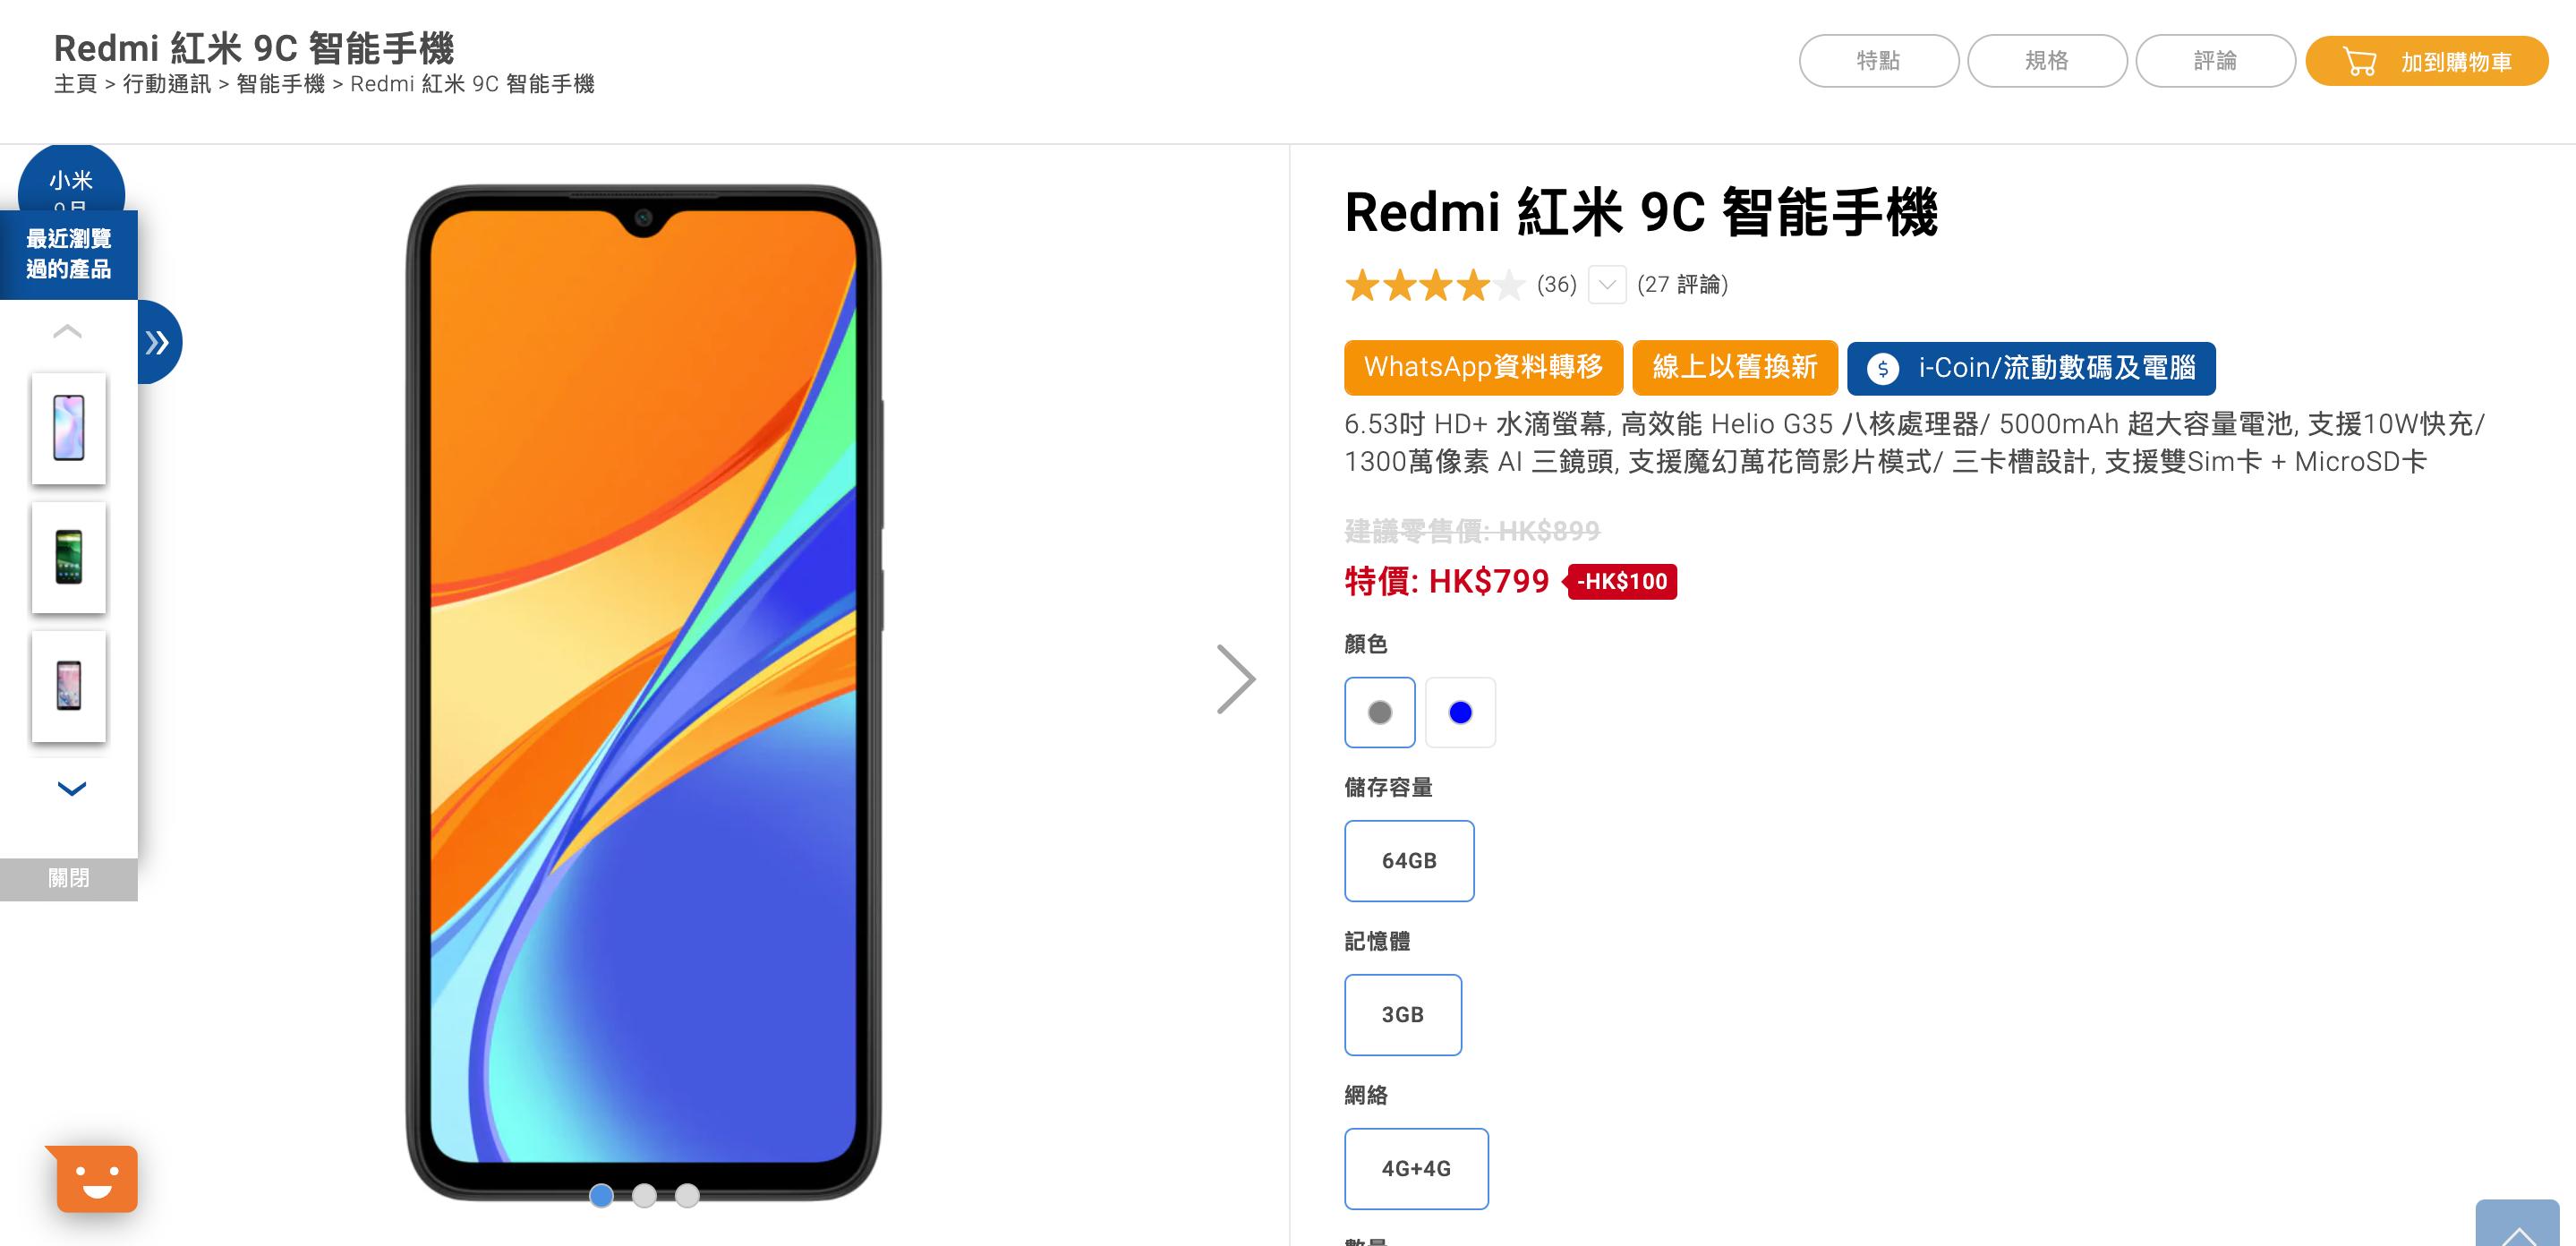 $1000 唔使 Nokia 手機 用 Qualcomm U 有真三卡